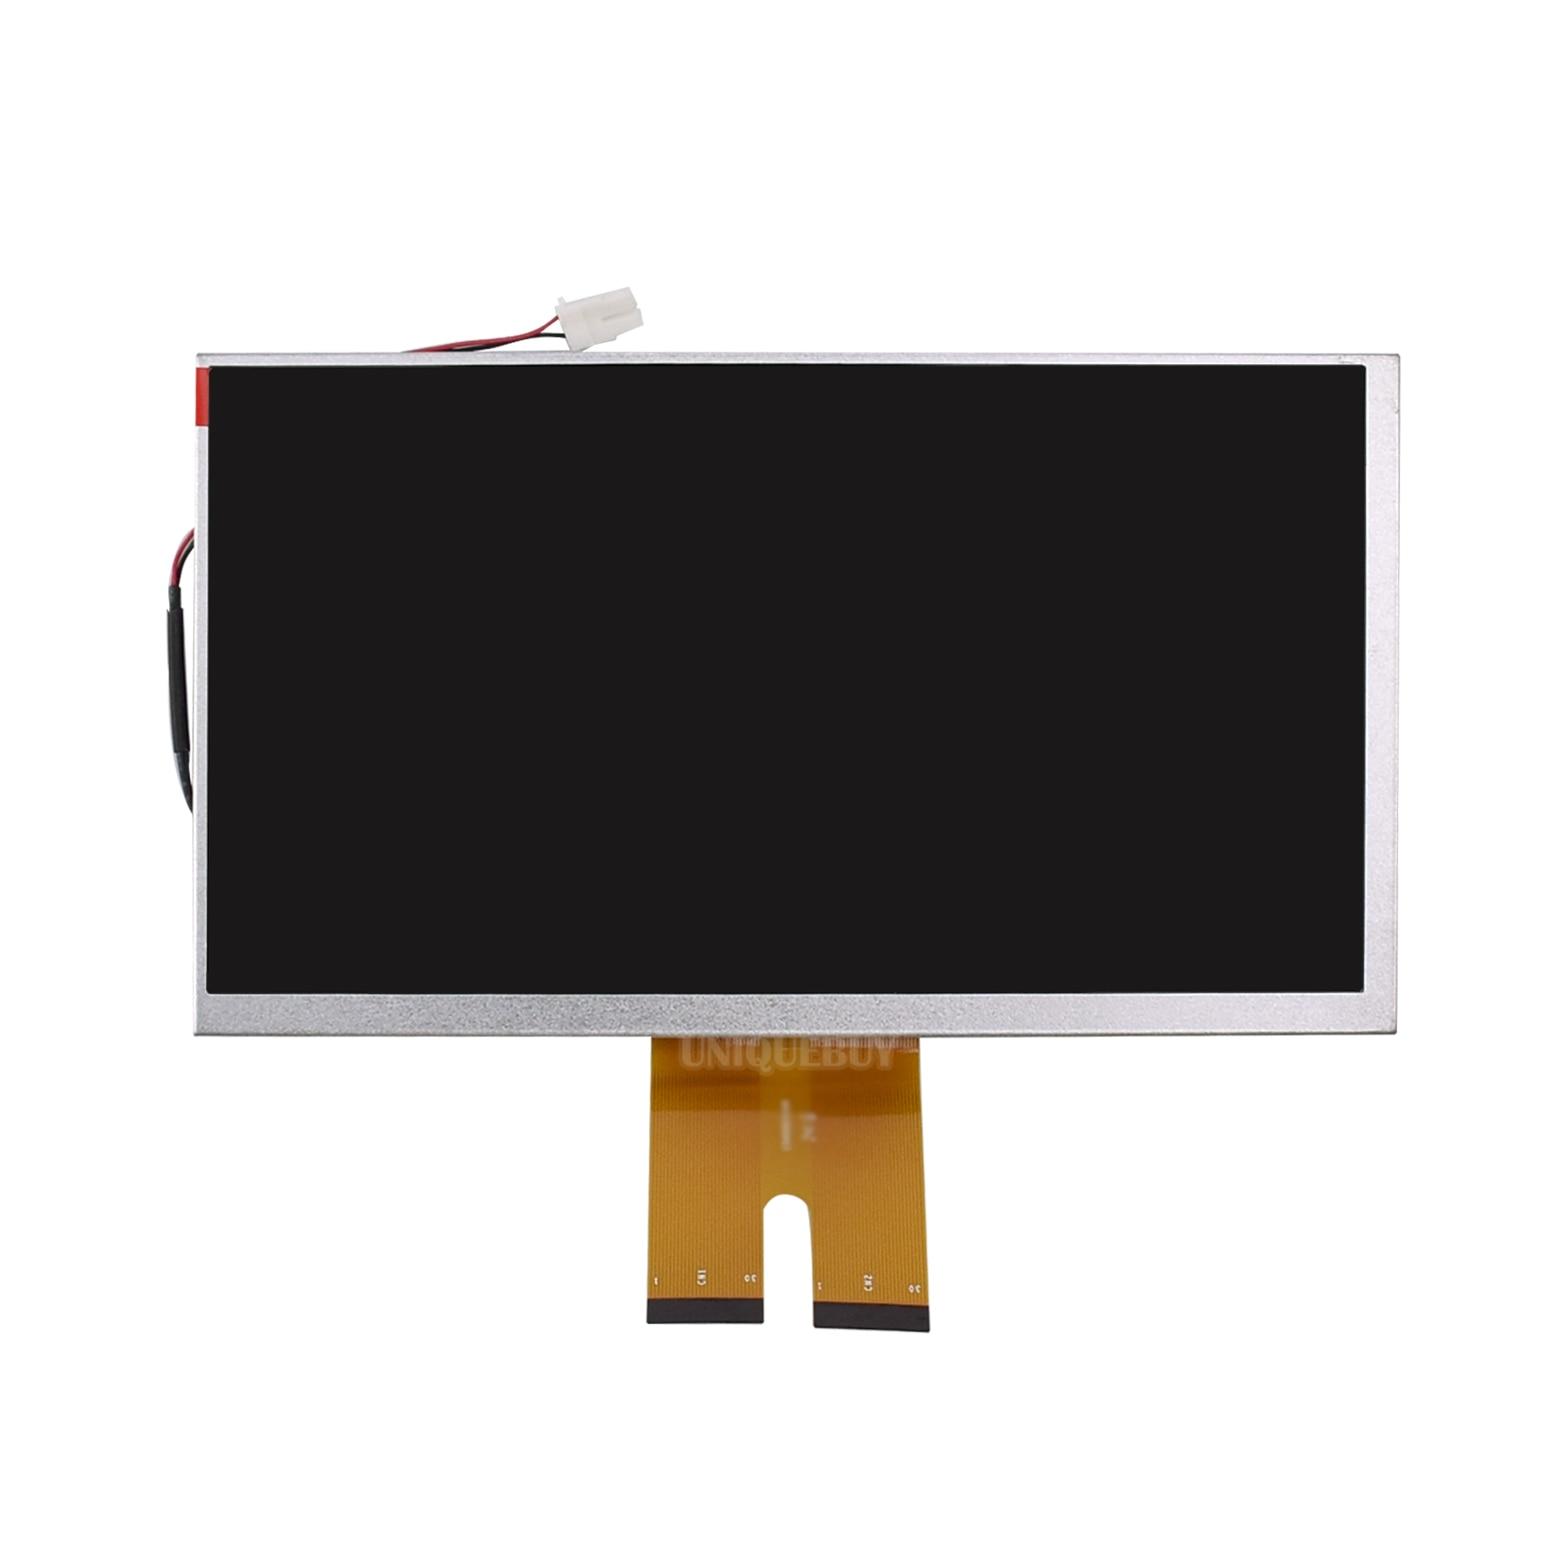 Оригинальный 7-дюймовый автомобильный DVD ЖК-экран Tianma без сенсорного экрана TM070RDH01 Сменный стеклянный монитор